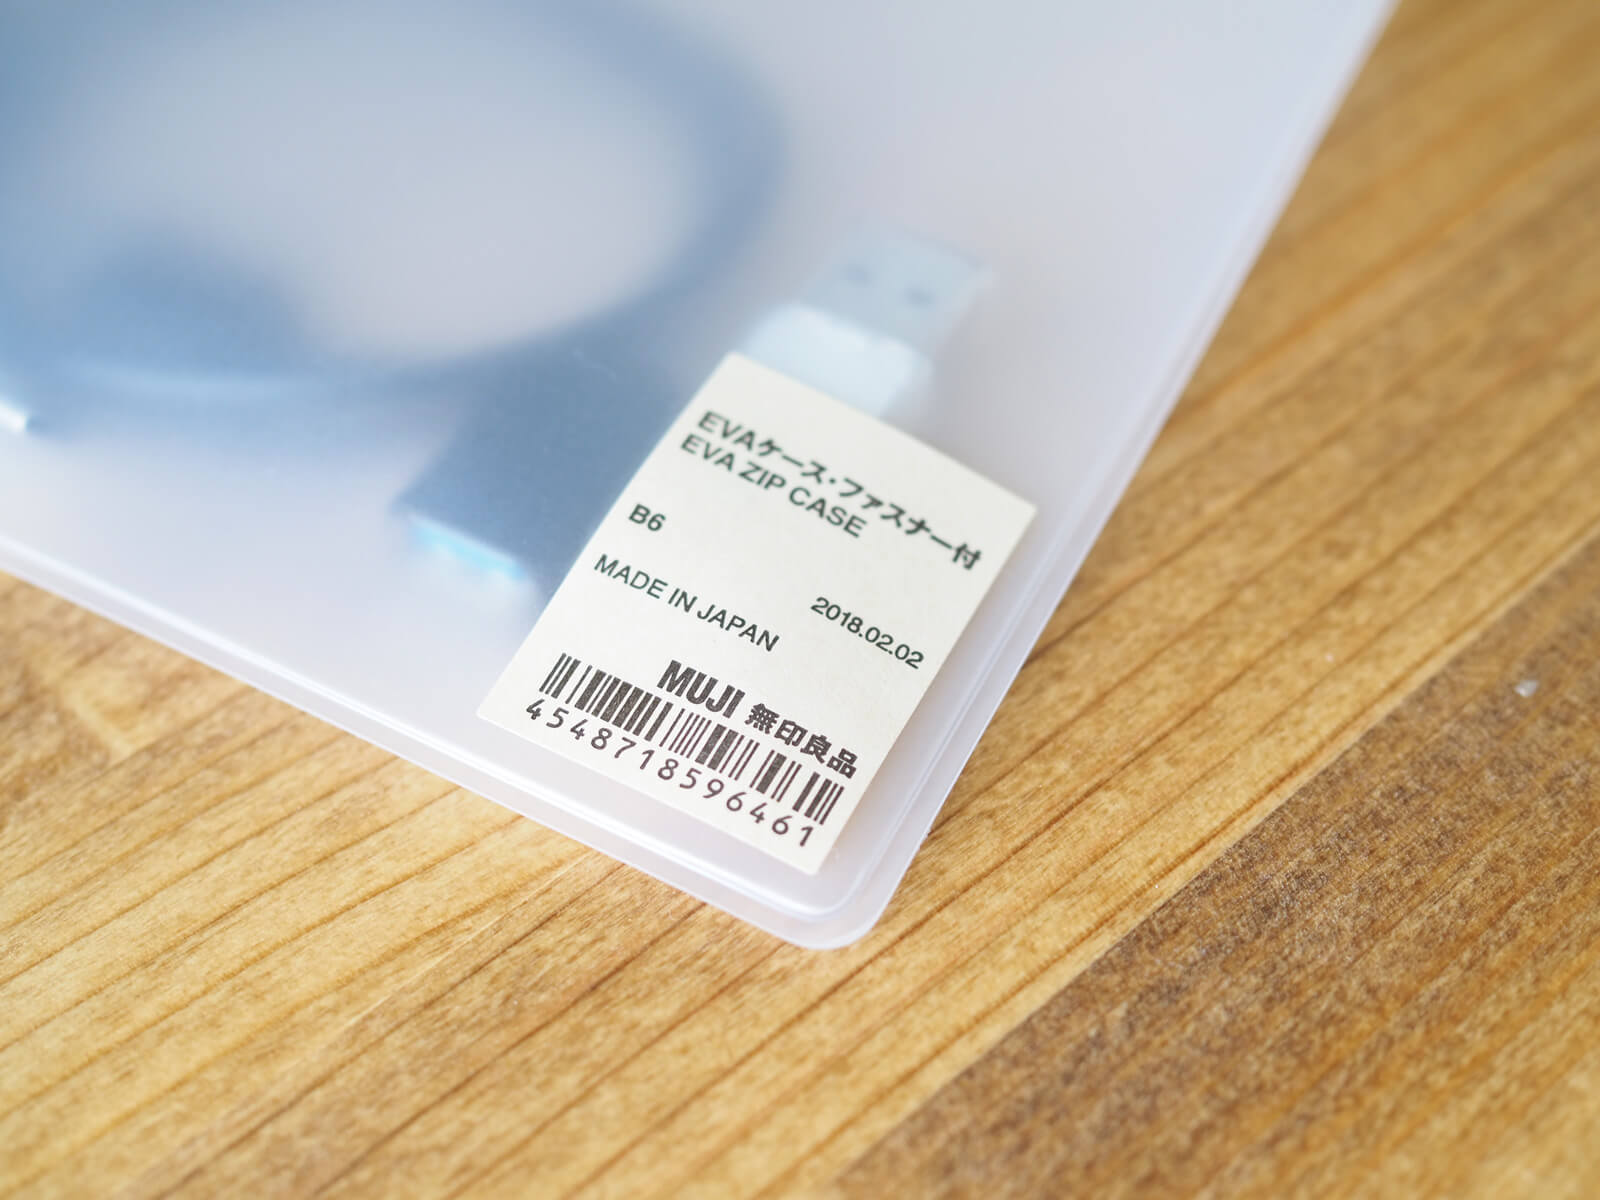 充電ケーブルやUSBメモリのケースに無印良品のクリアケースという選択